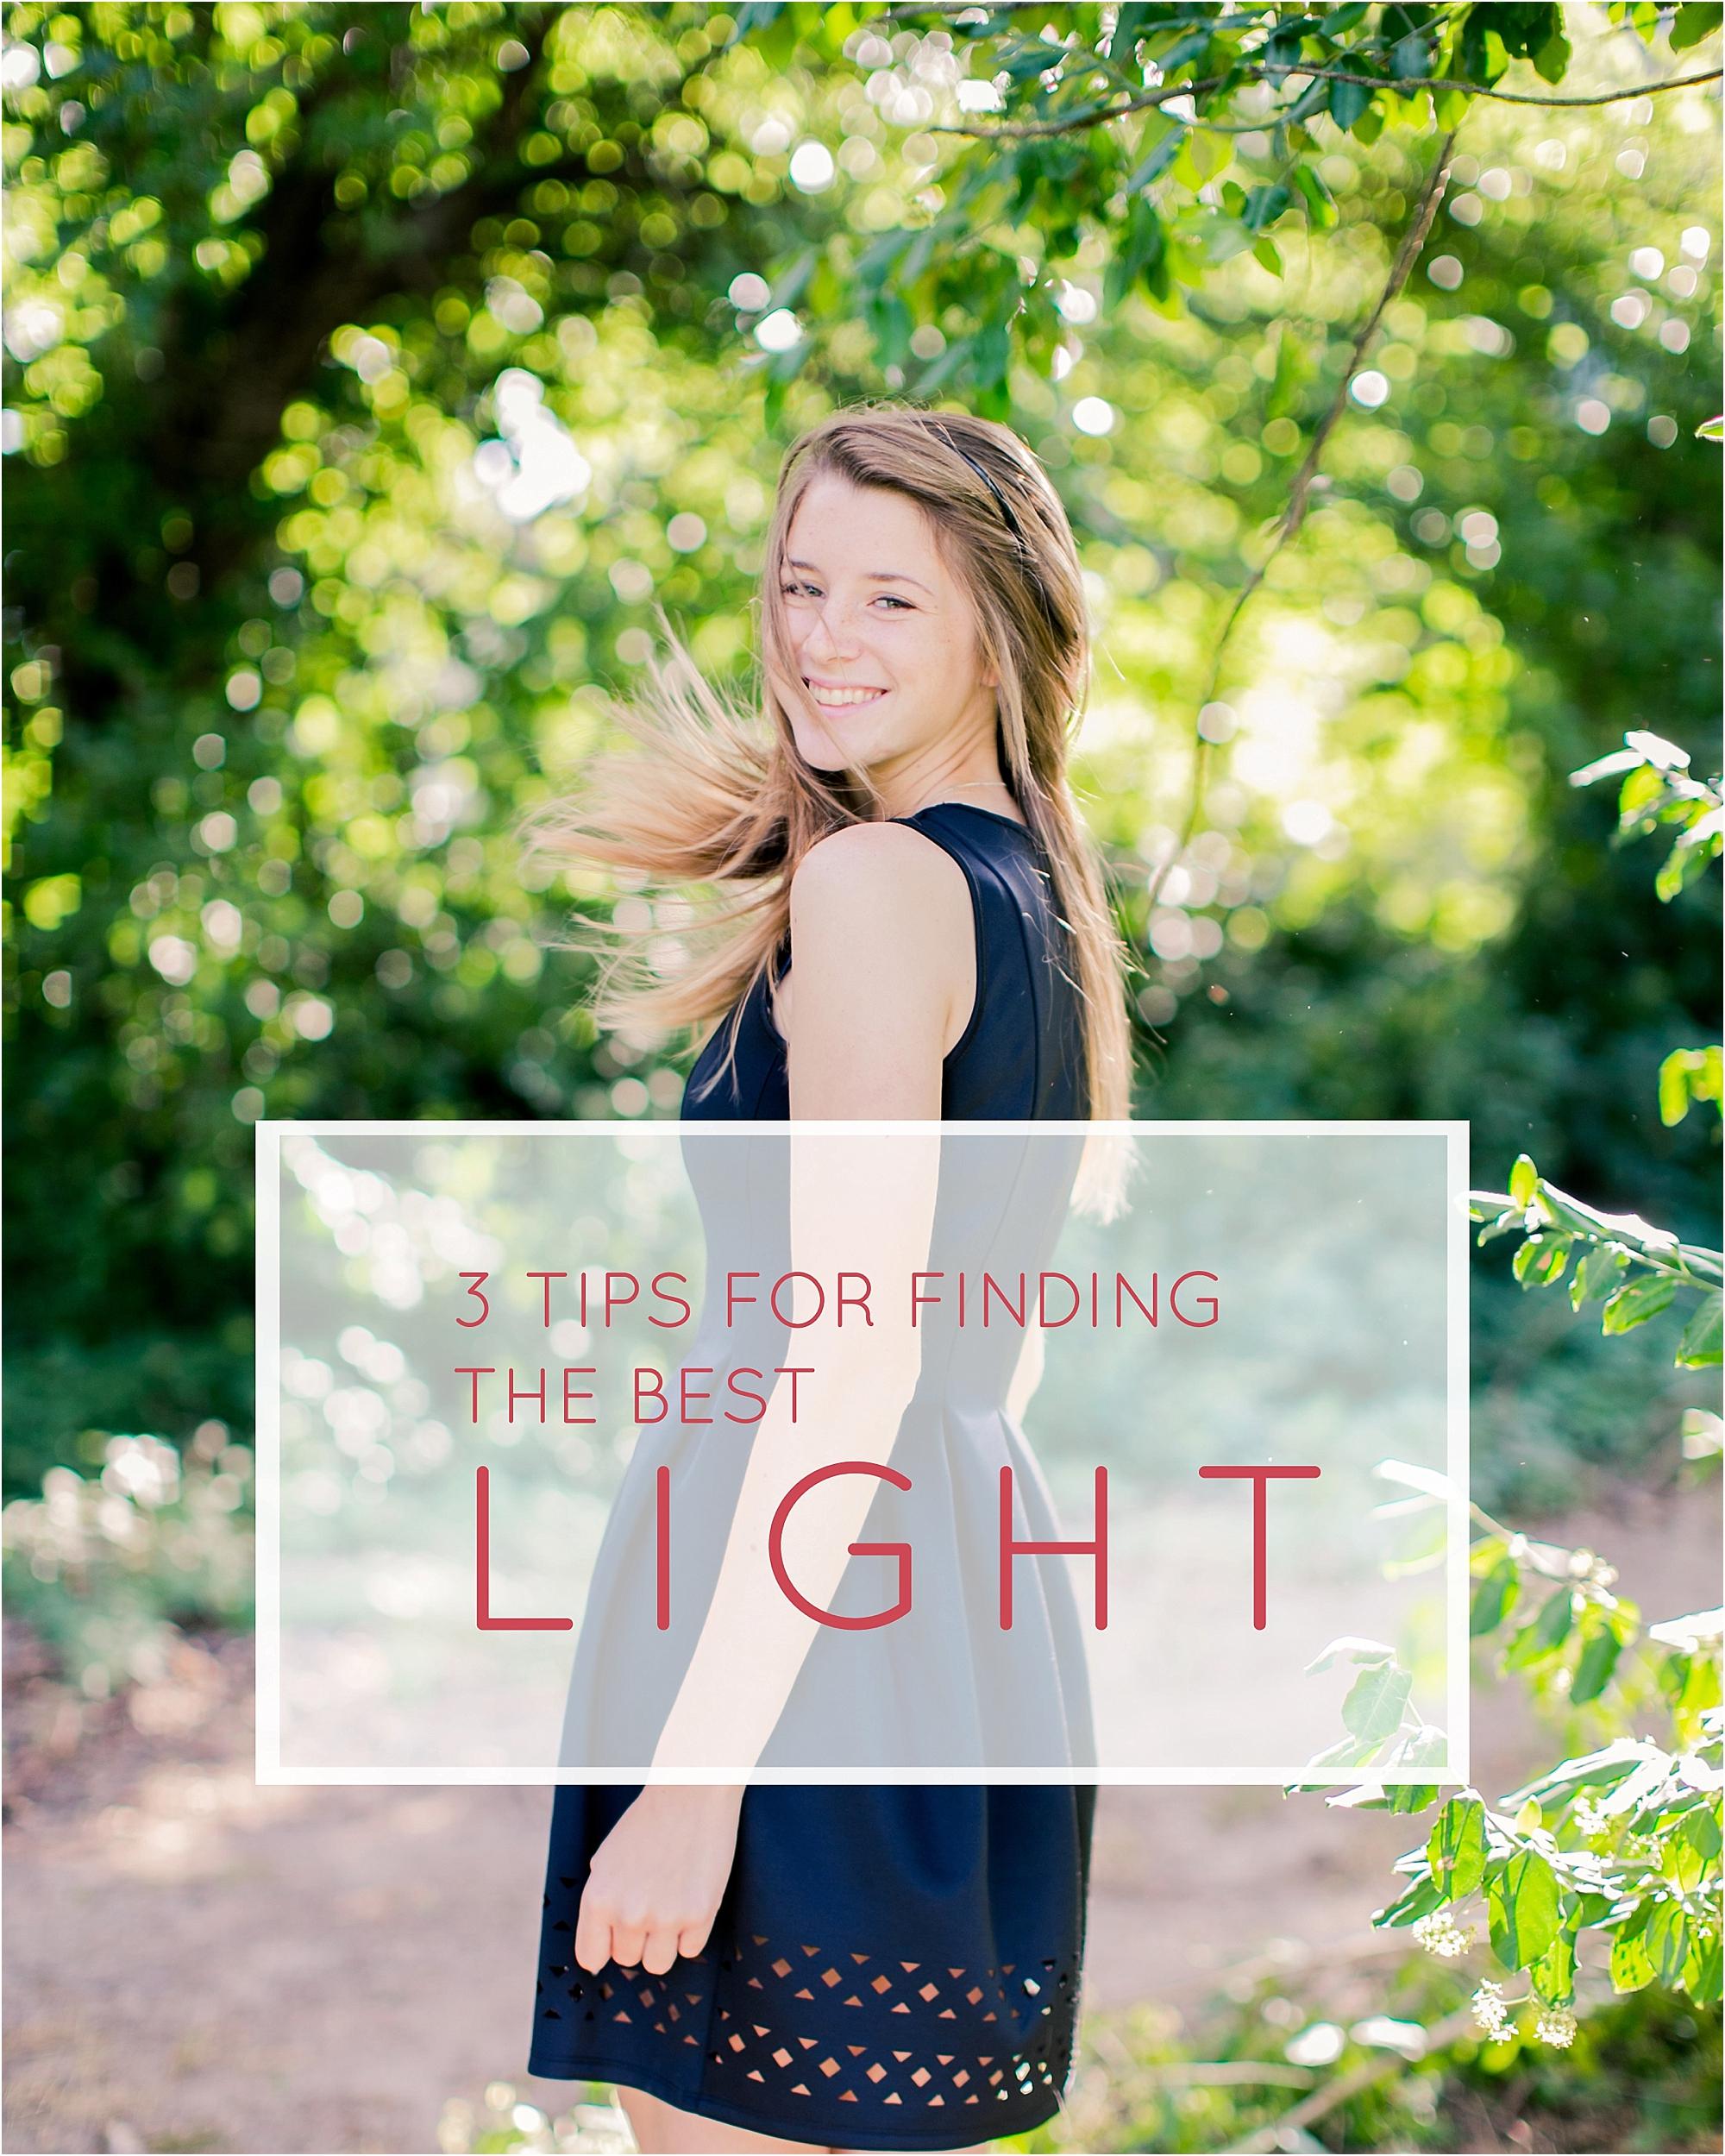 3 Tips for finding the best light - the Jordan Brittley Blog